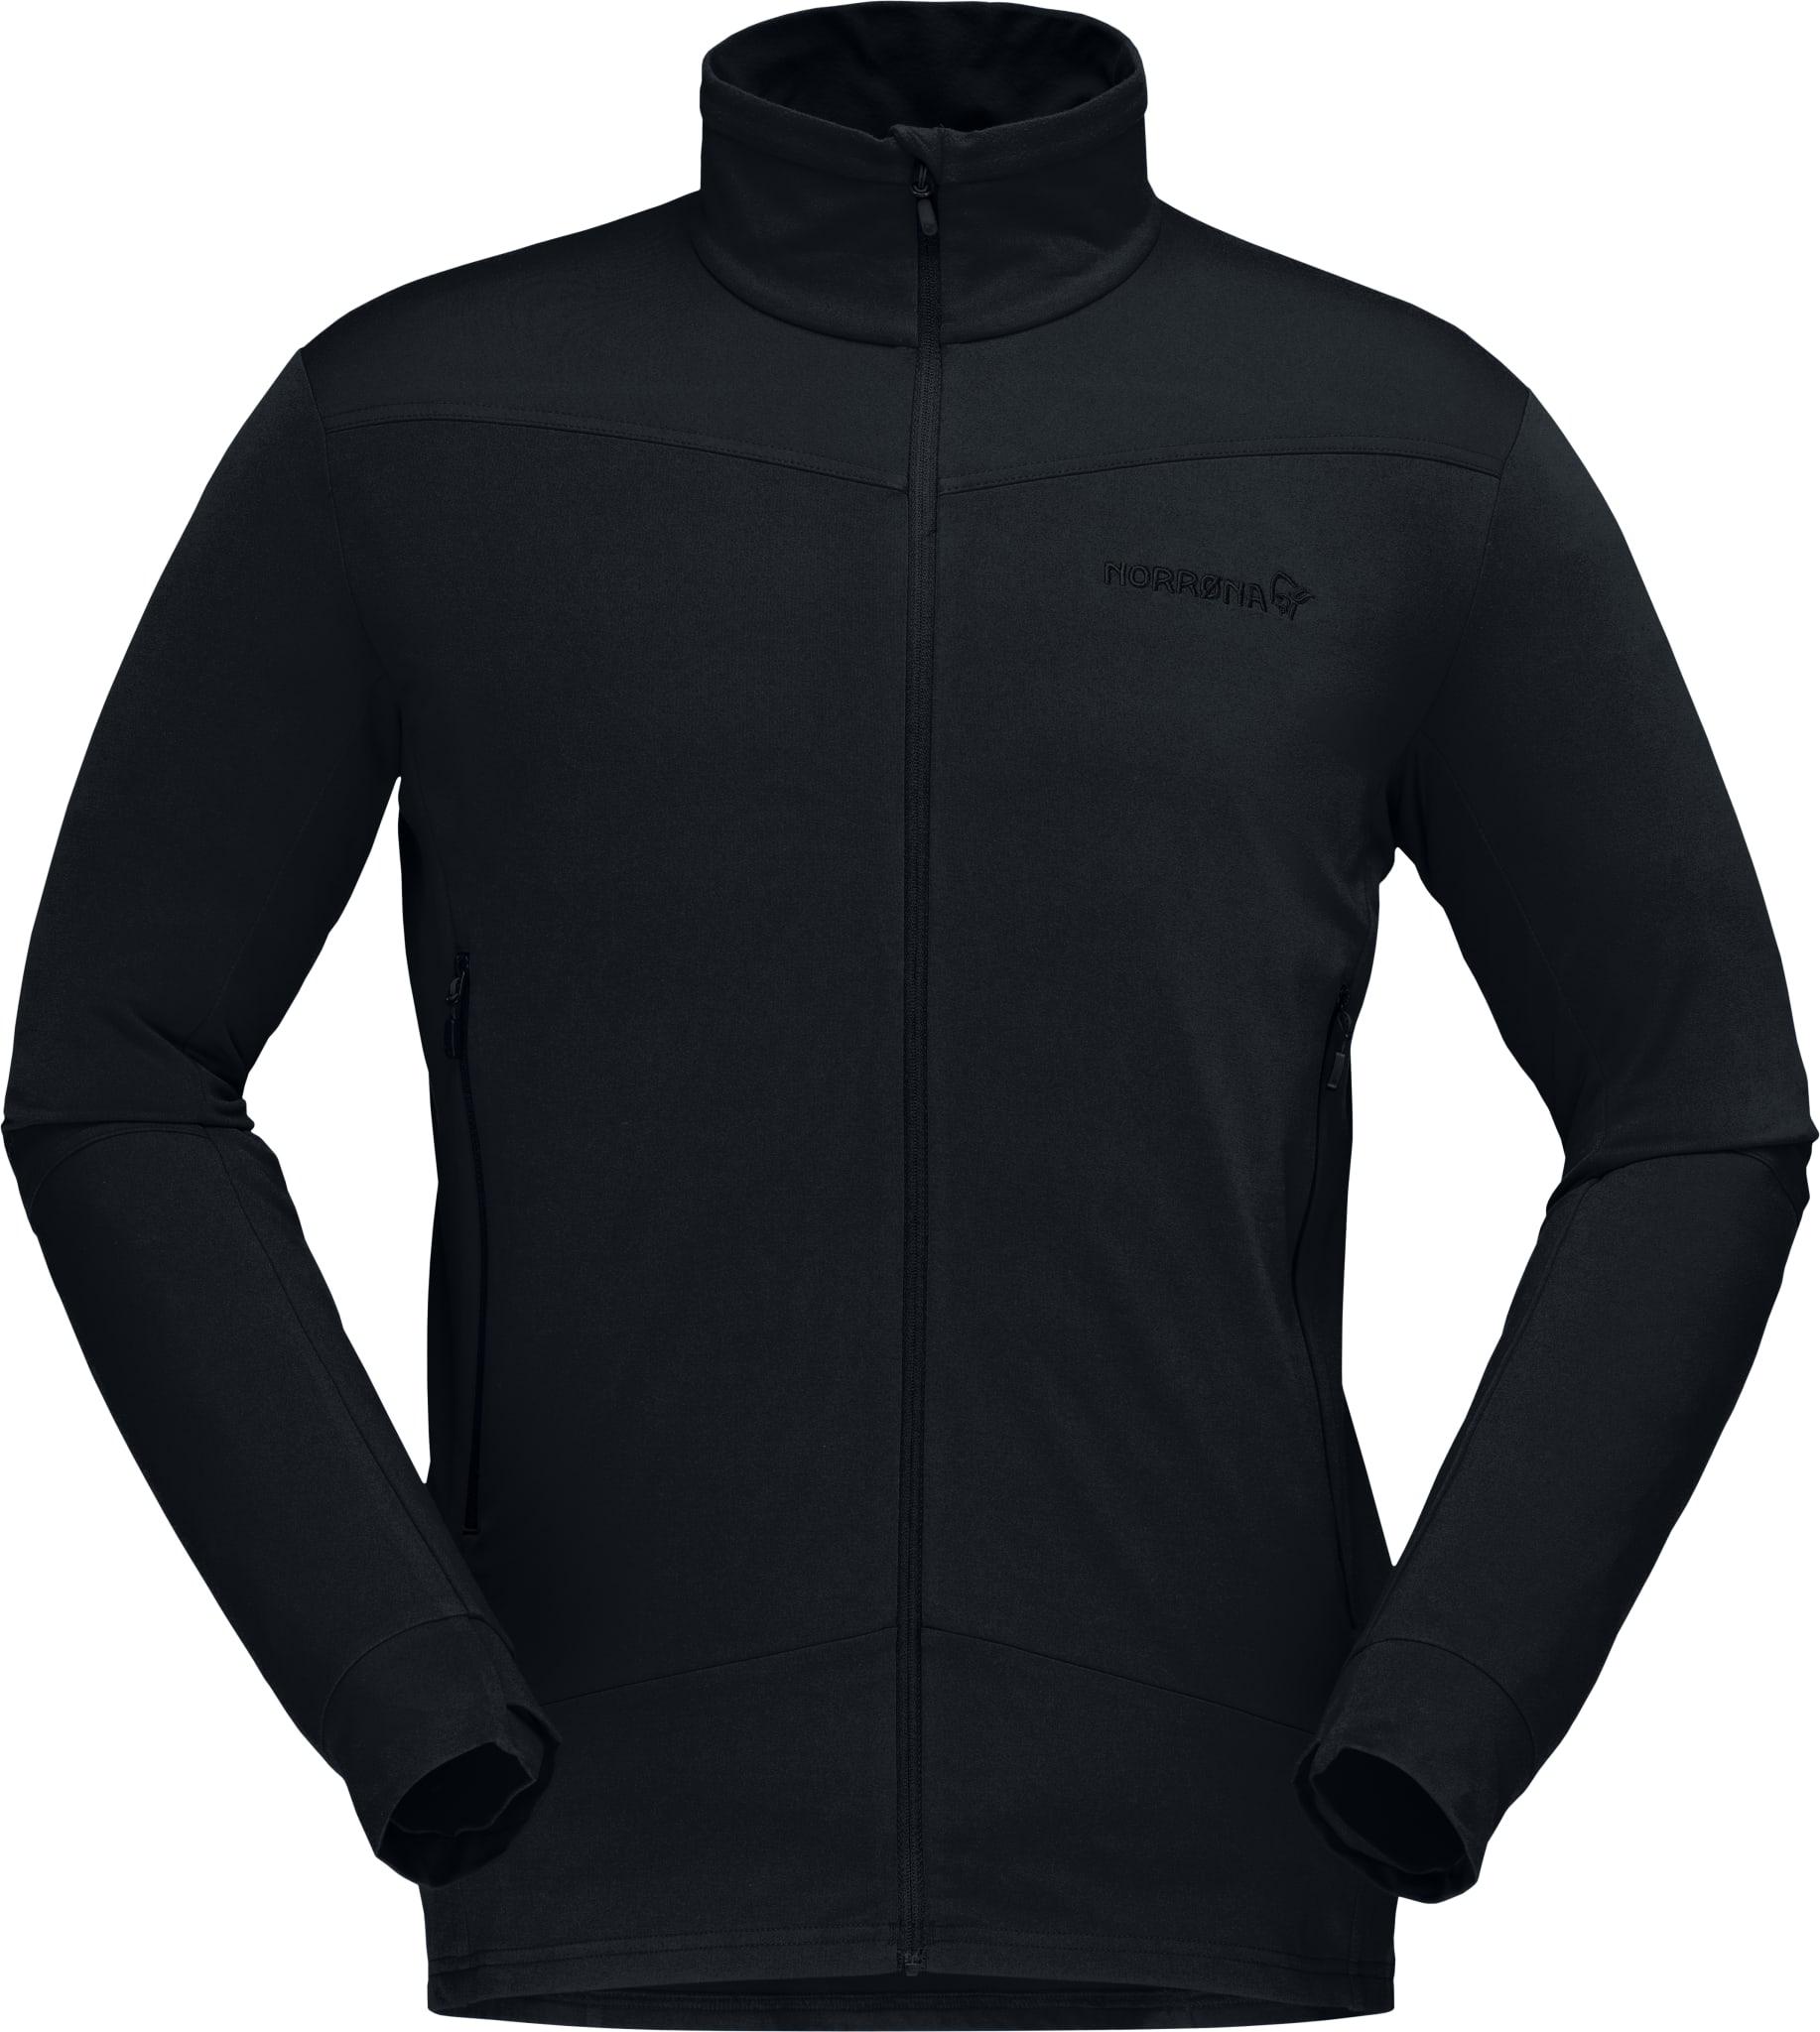 Falketind warm1 stretch Jacket